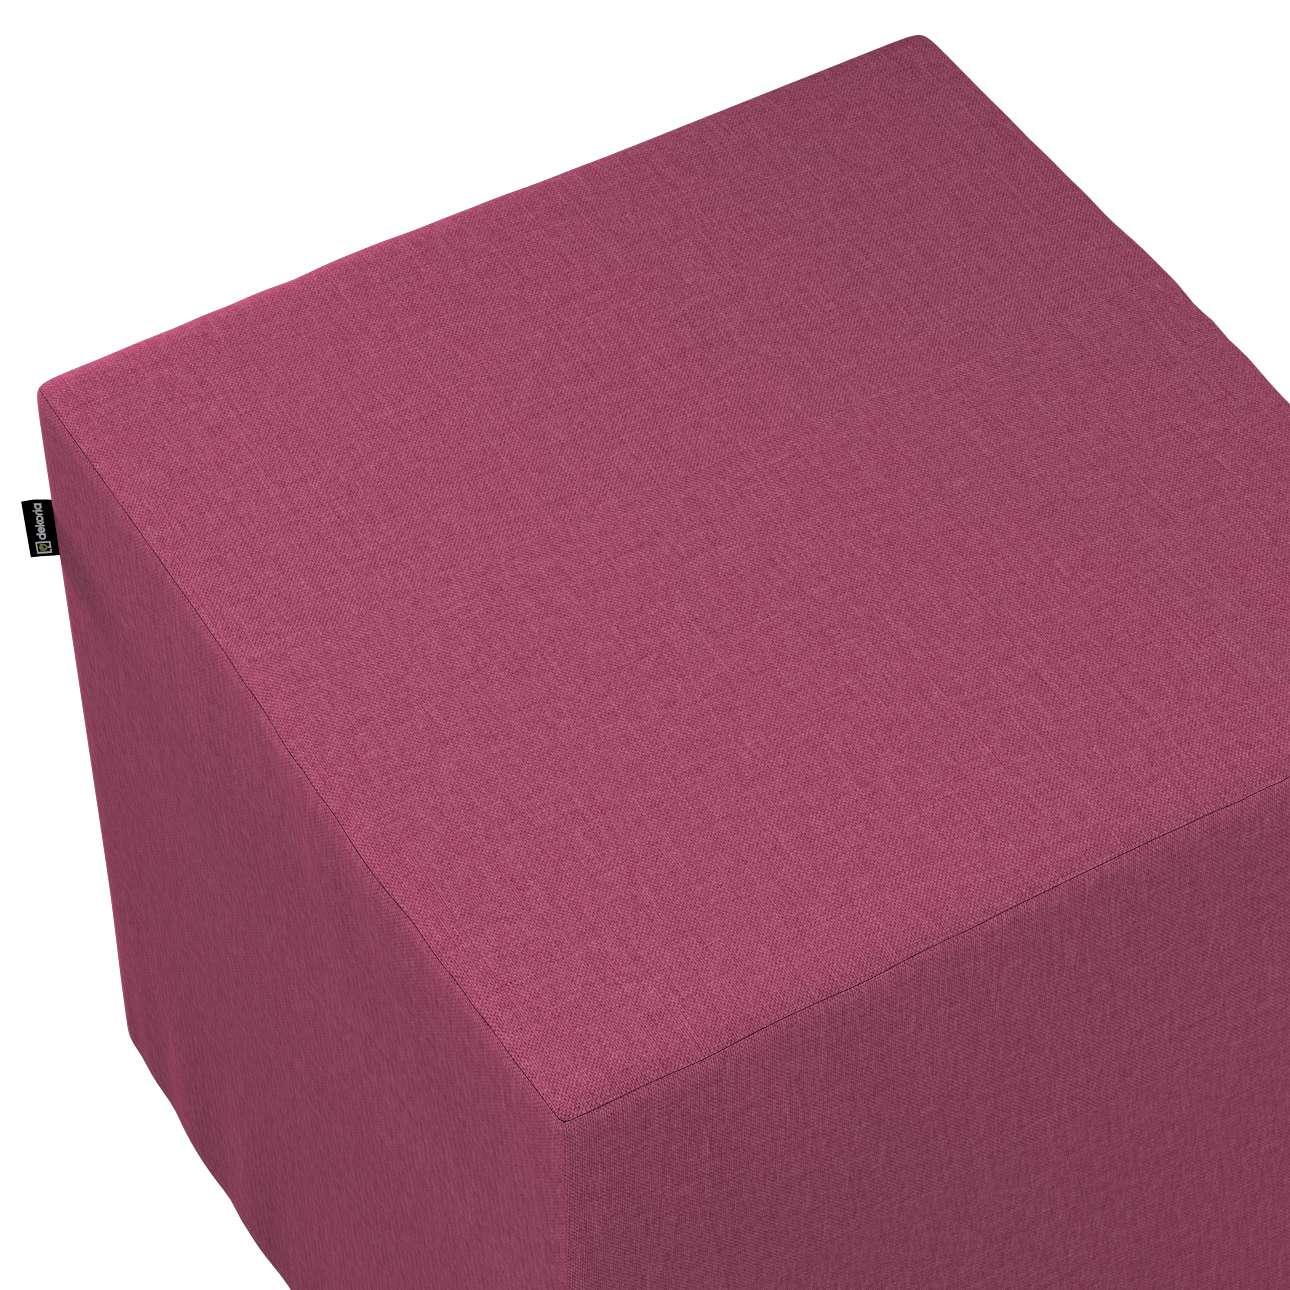 Sitzwürfel von der Kollektion Living, Stoff: 160-44